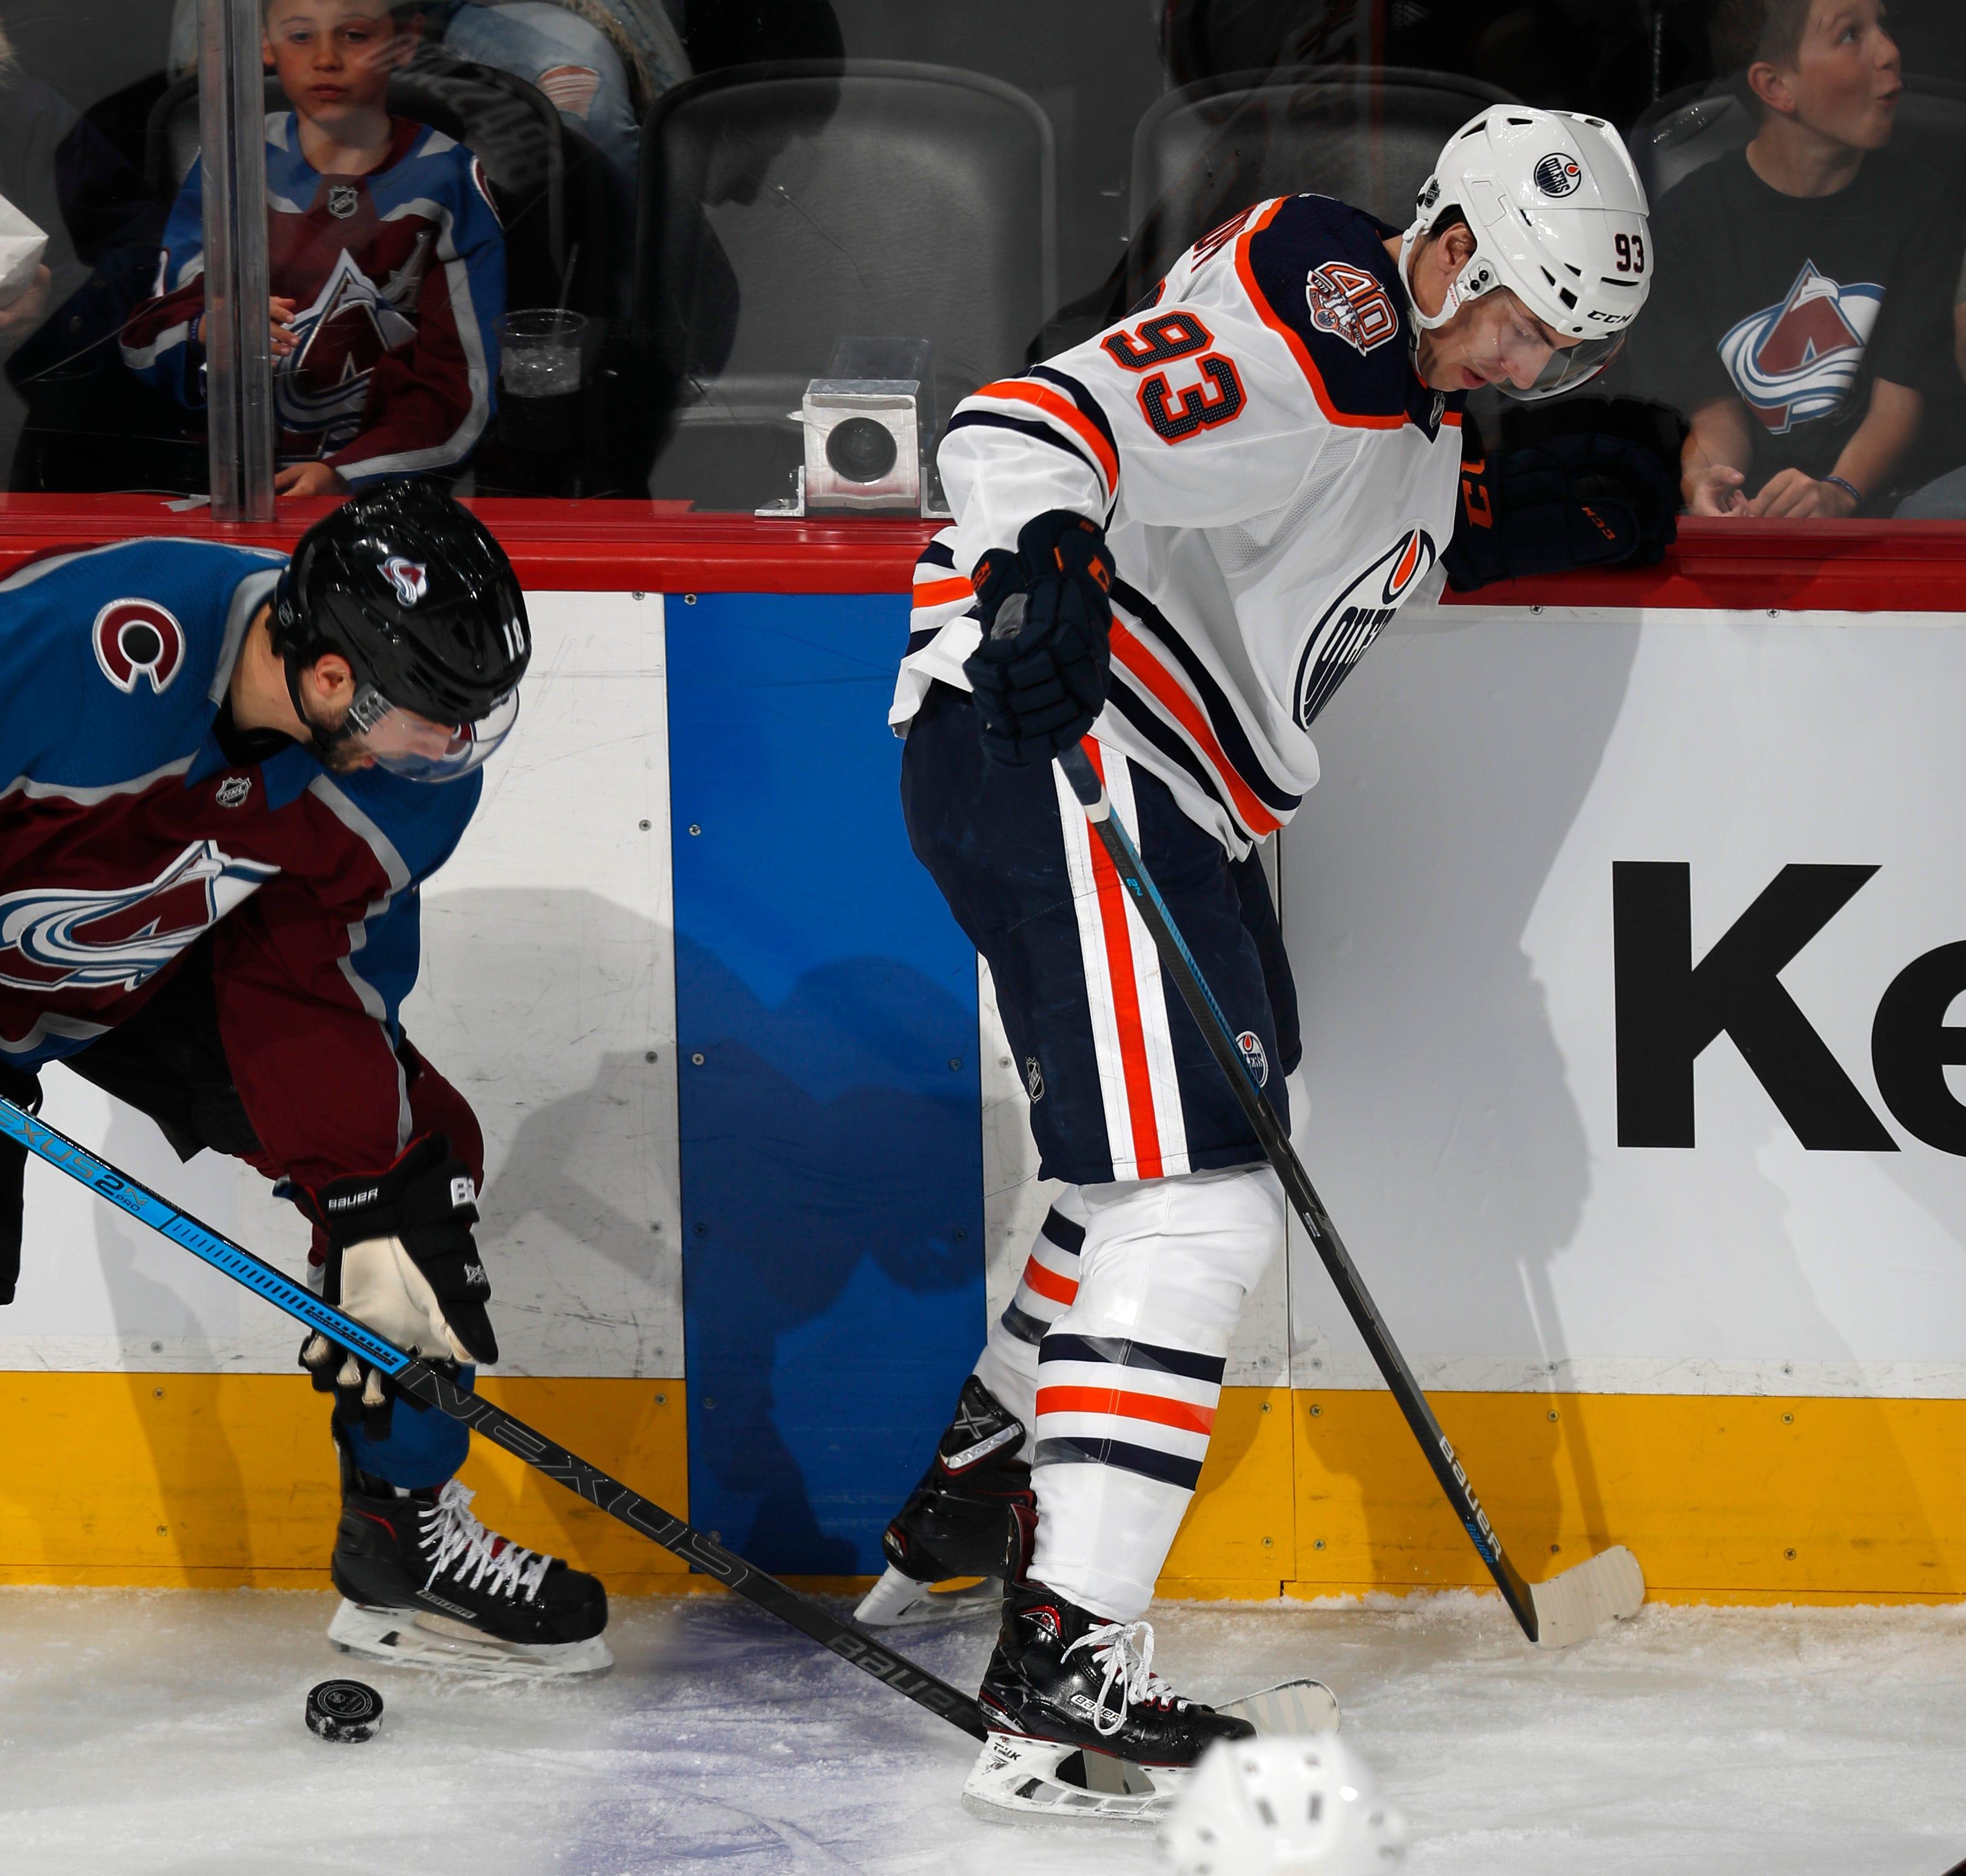 MacKinnon leads scoring spree in 2nd as Avs beat Oilers 6-2